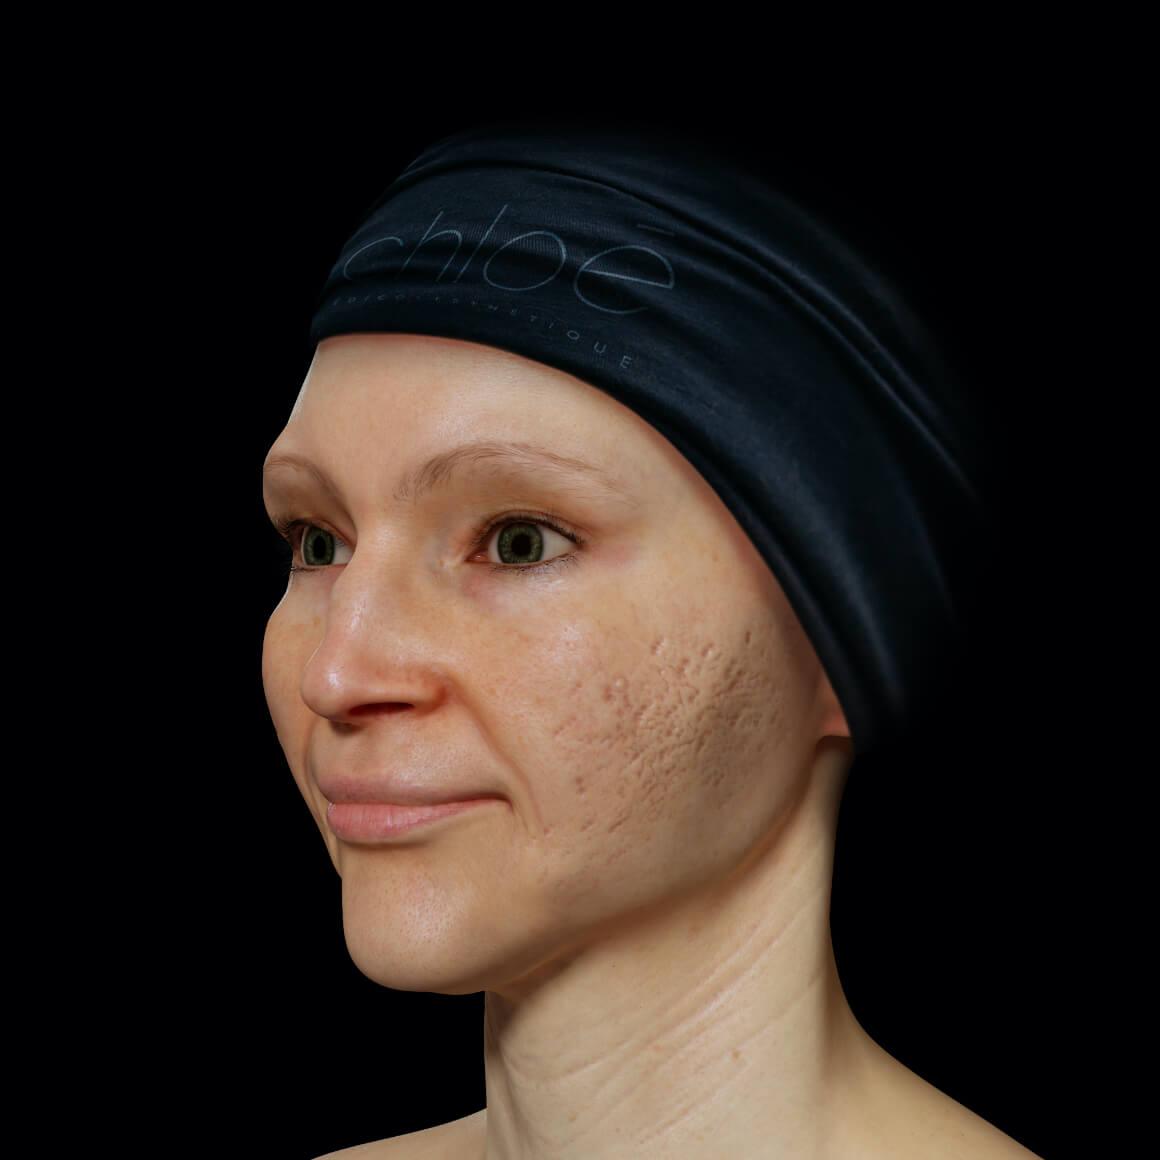 Patiente de la Clinique Chloé positionnée en angle ayant des cicatrices d'acné sur le visage